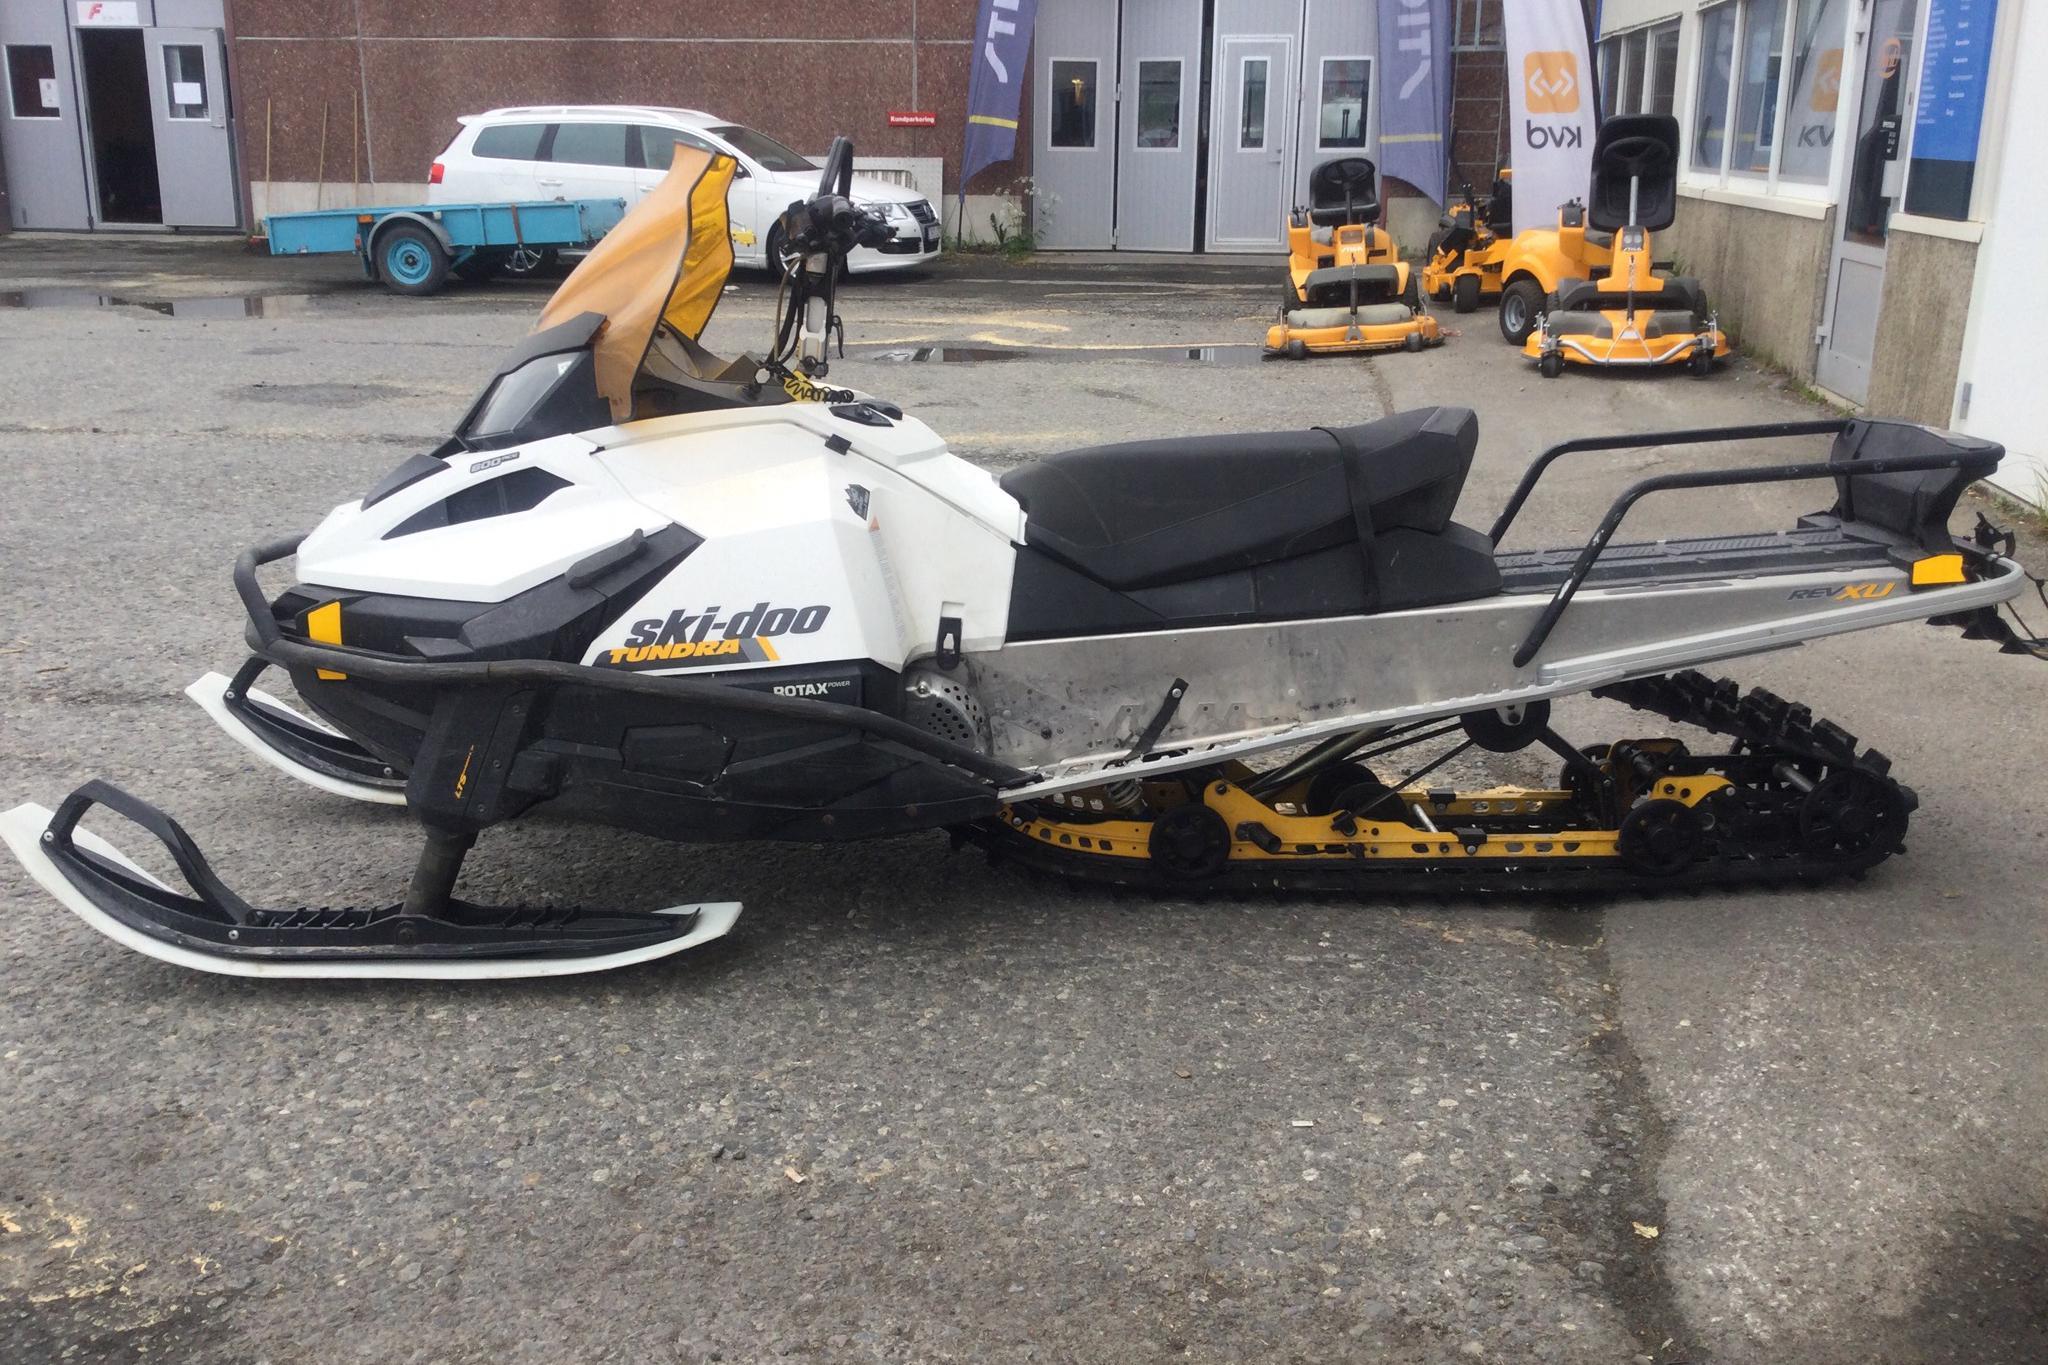 ski-doo TUNDRA LT 600 ACE Snöskoter - 8 220 km - Automatic - 2016